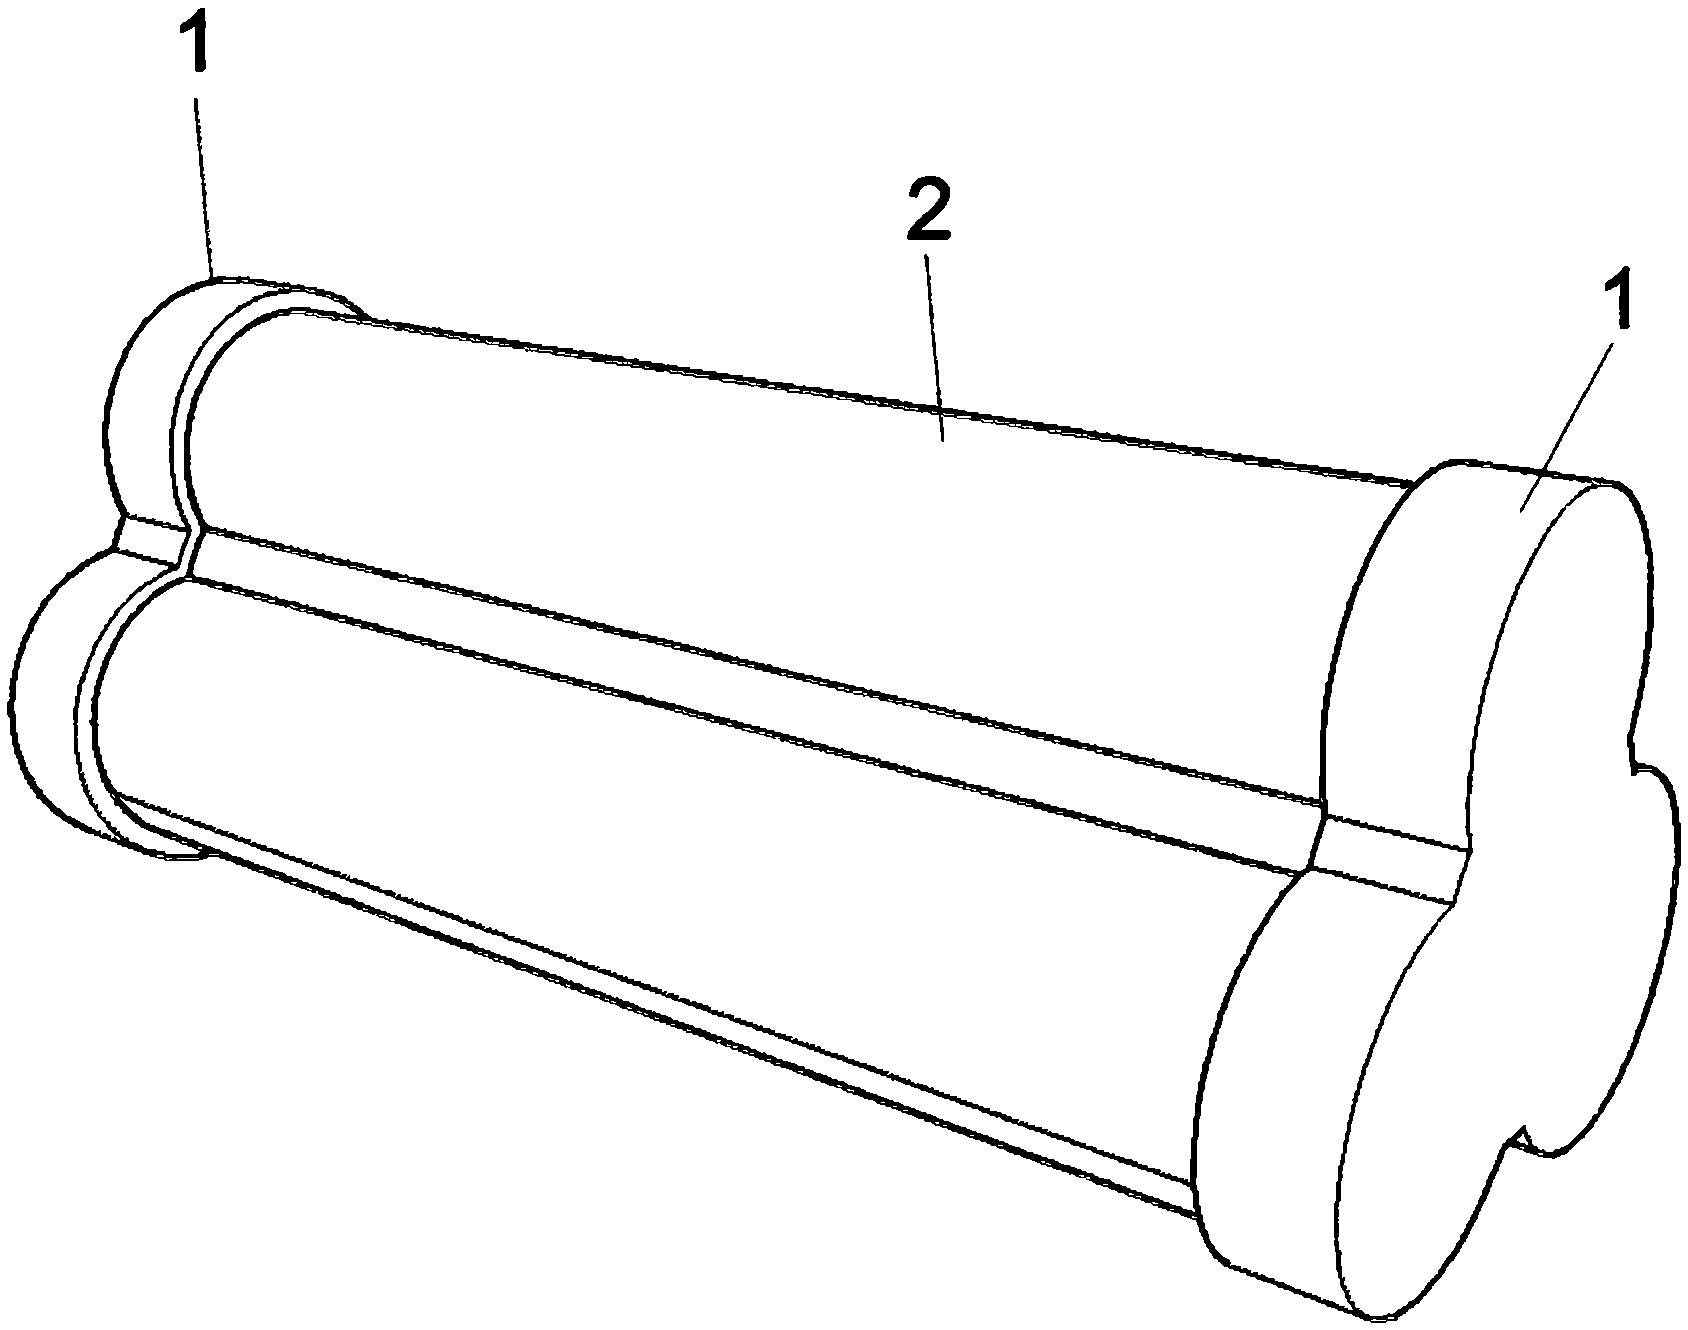 一种颈椎按摩锻炼治疗器(公开号:CN205268533U)